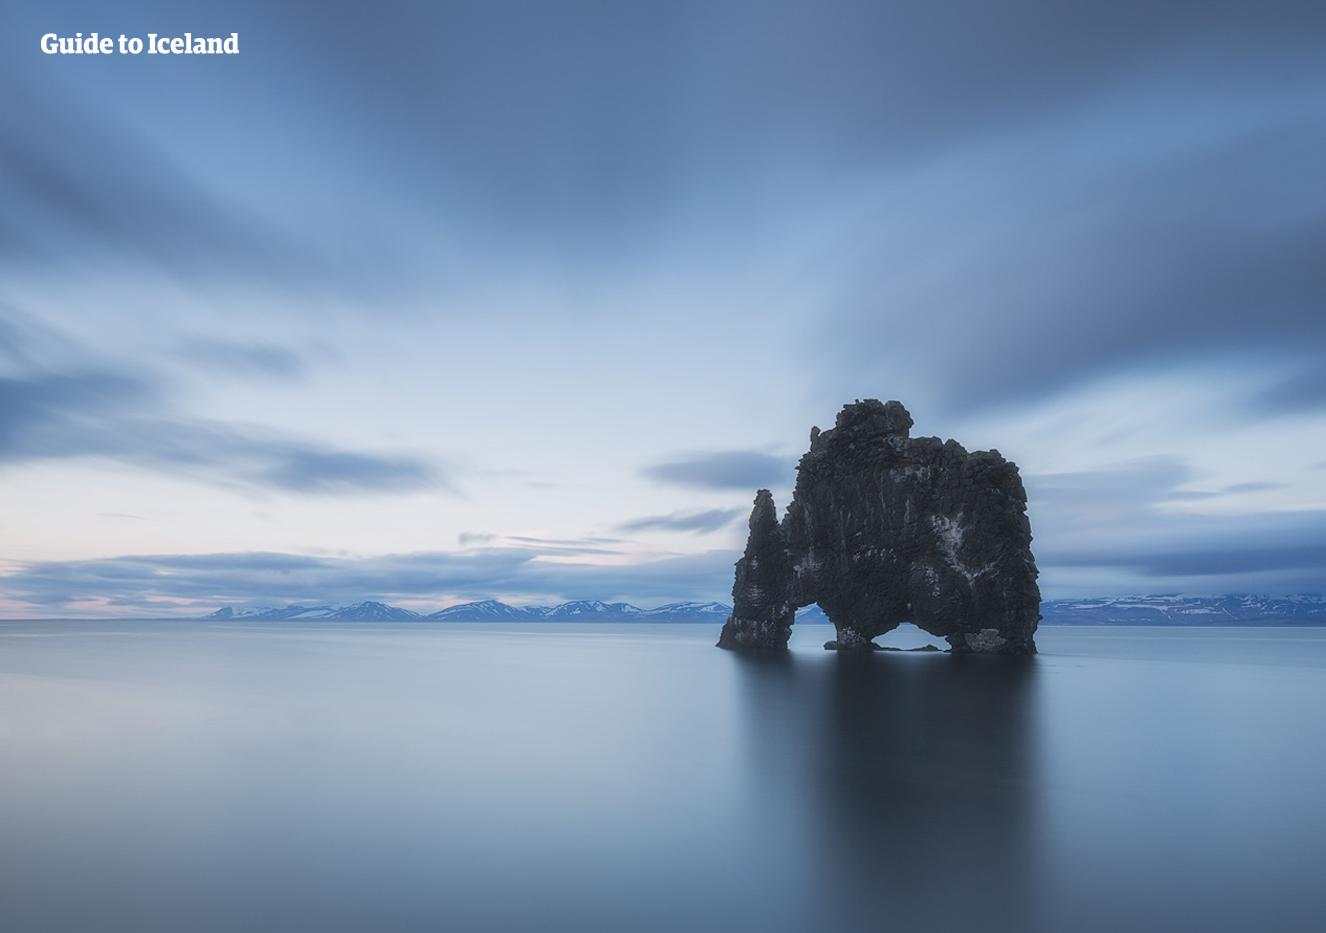 Le monolithe rocheux, Hvítserkur, dans le nord de l'Islande.